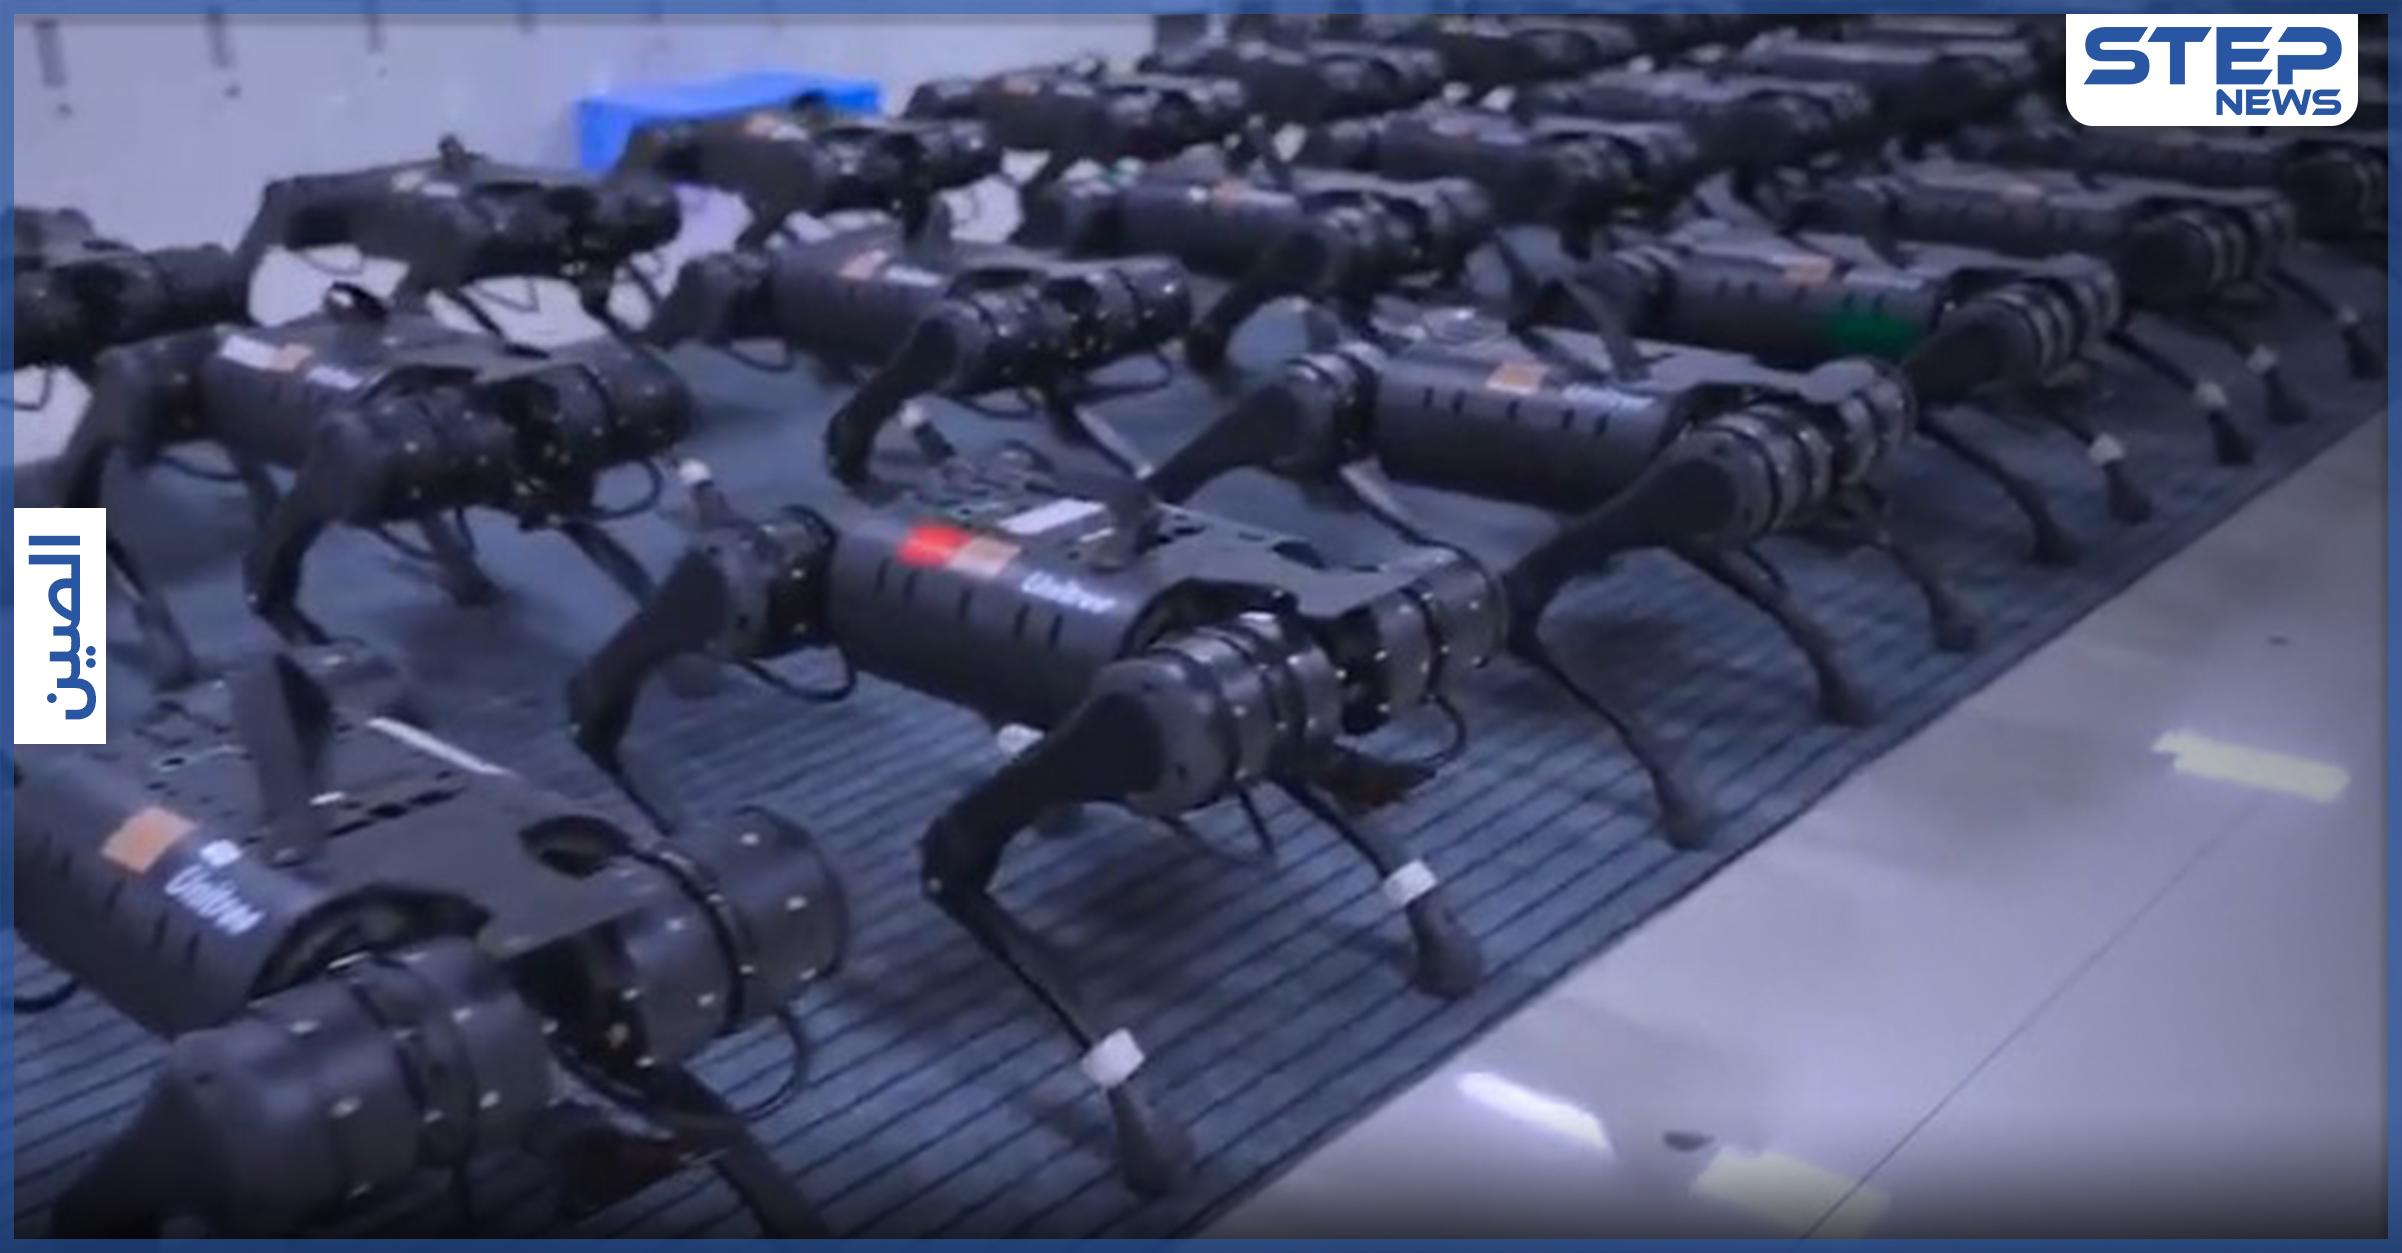 بالفيديو|| روبوتات بأربع أرجل تتحرك بانسجام بشكل مفزع تثير الجدل على منصات التواصل